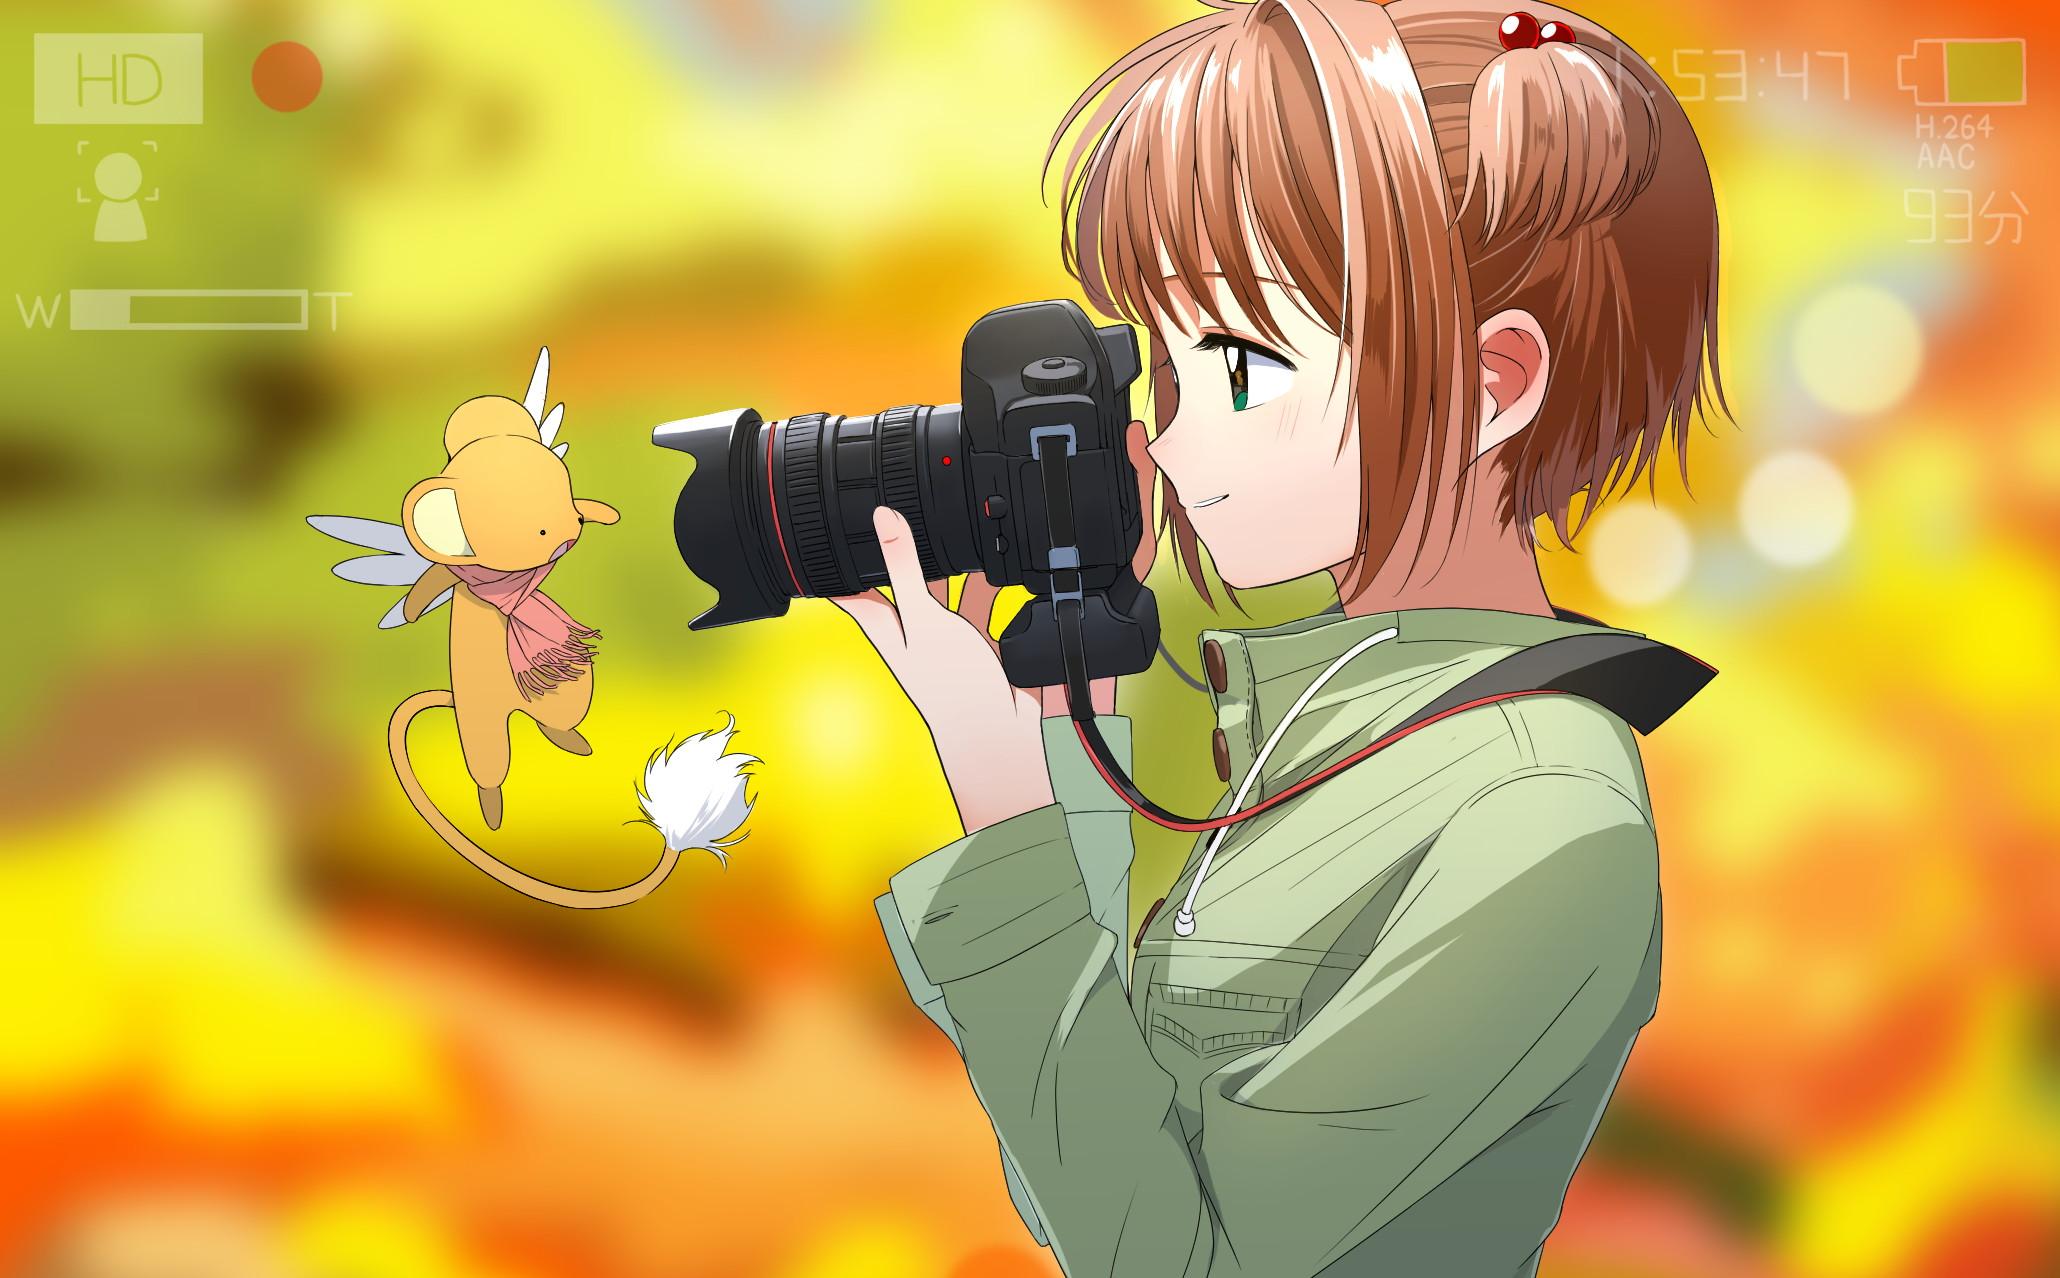 hình nền đẹp Sakura dễ thương